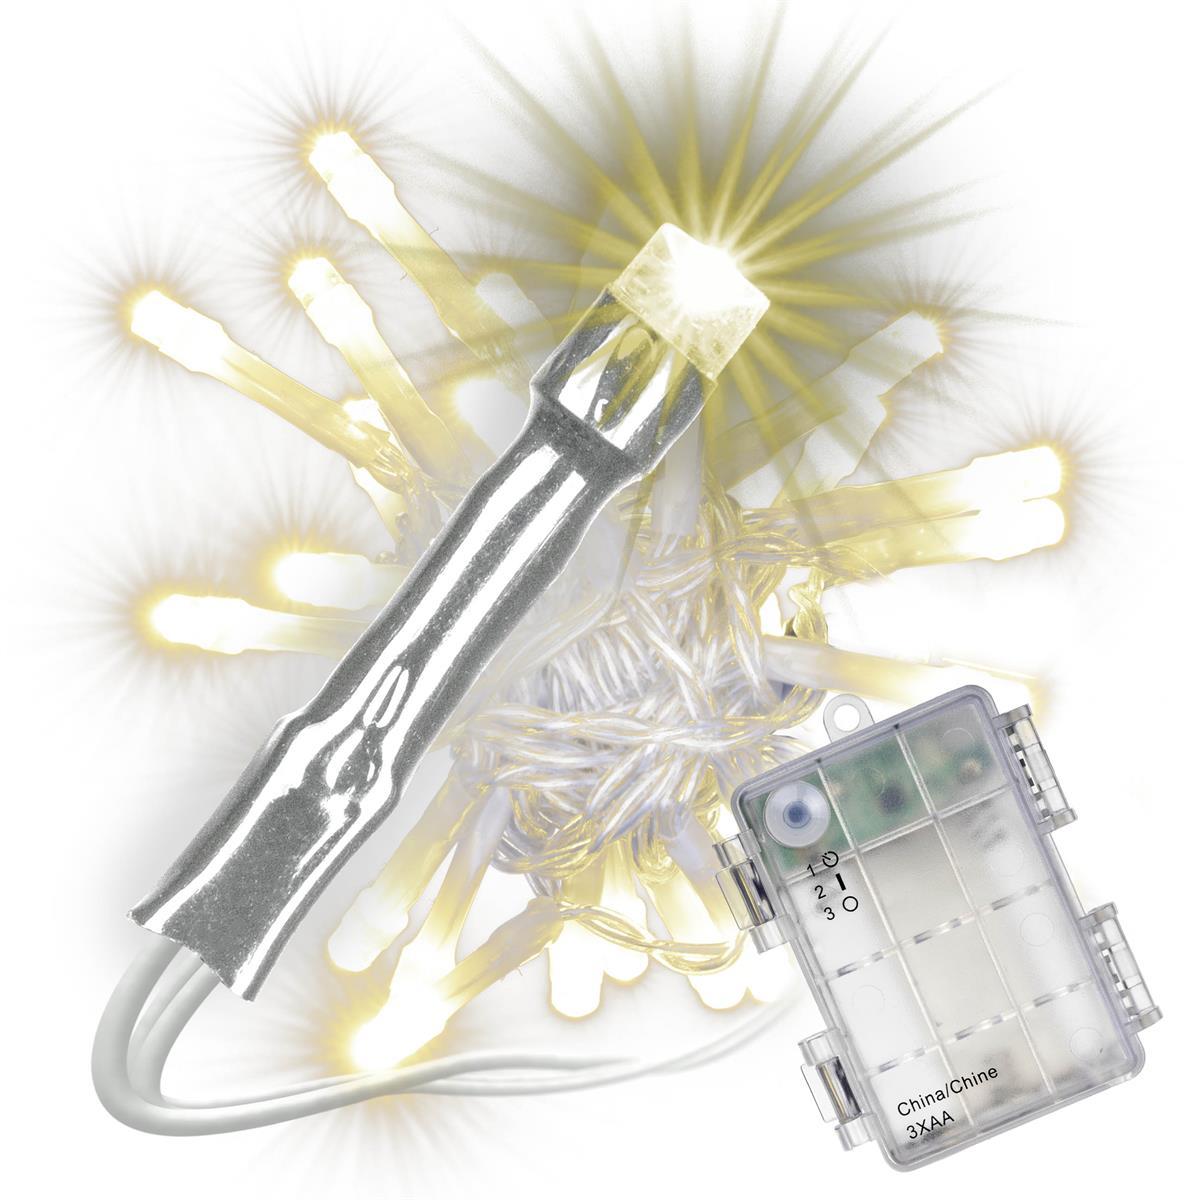 Weihnachtsbeleuchtung Mit Timer.30 Led Lichterkette Mit Timer Warm Weiß Transparentes Kabel Batterie